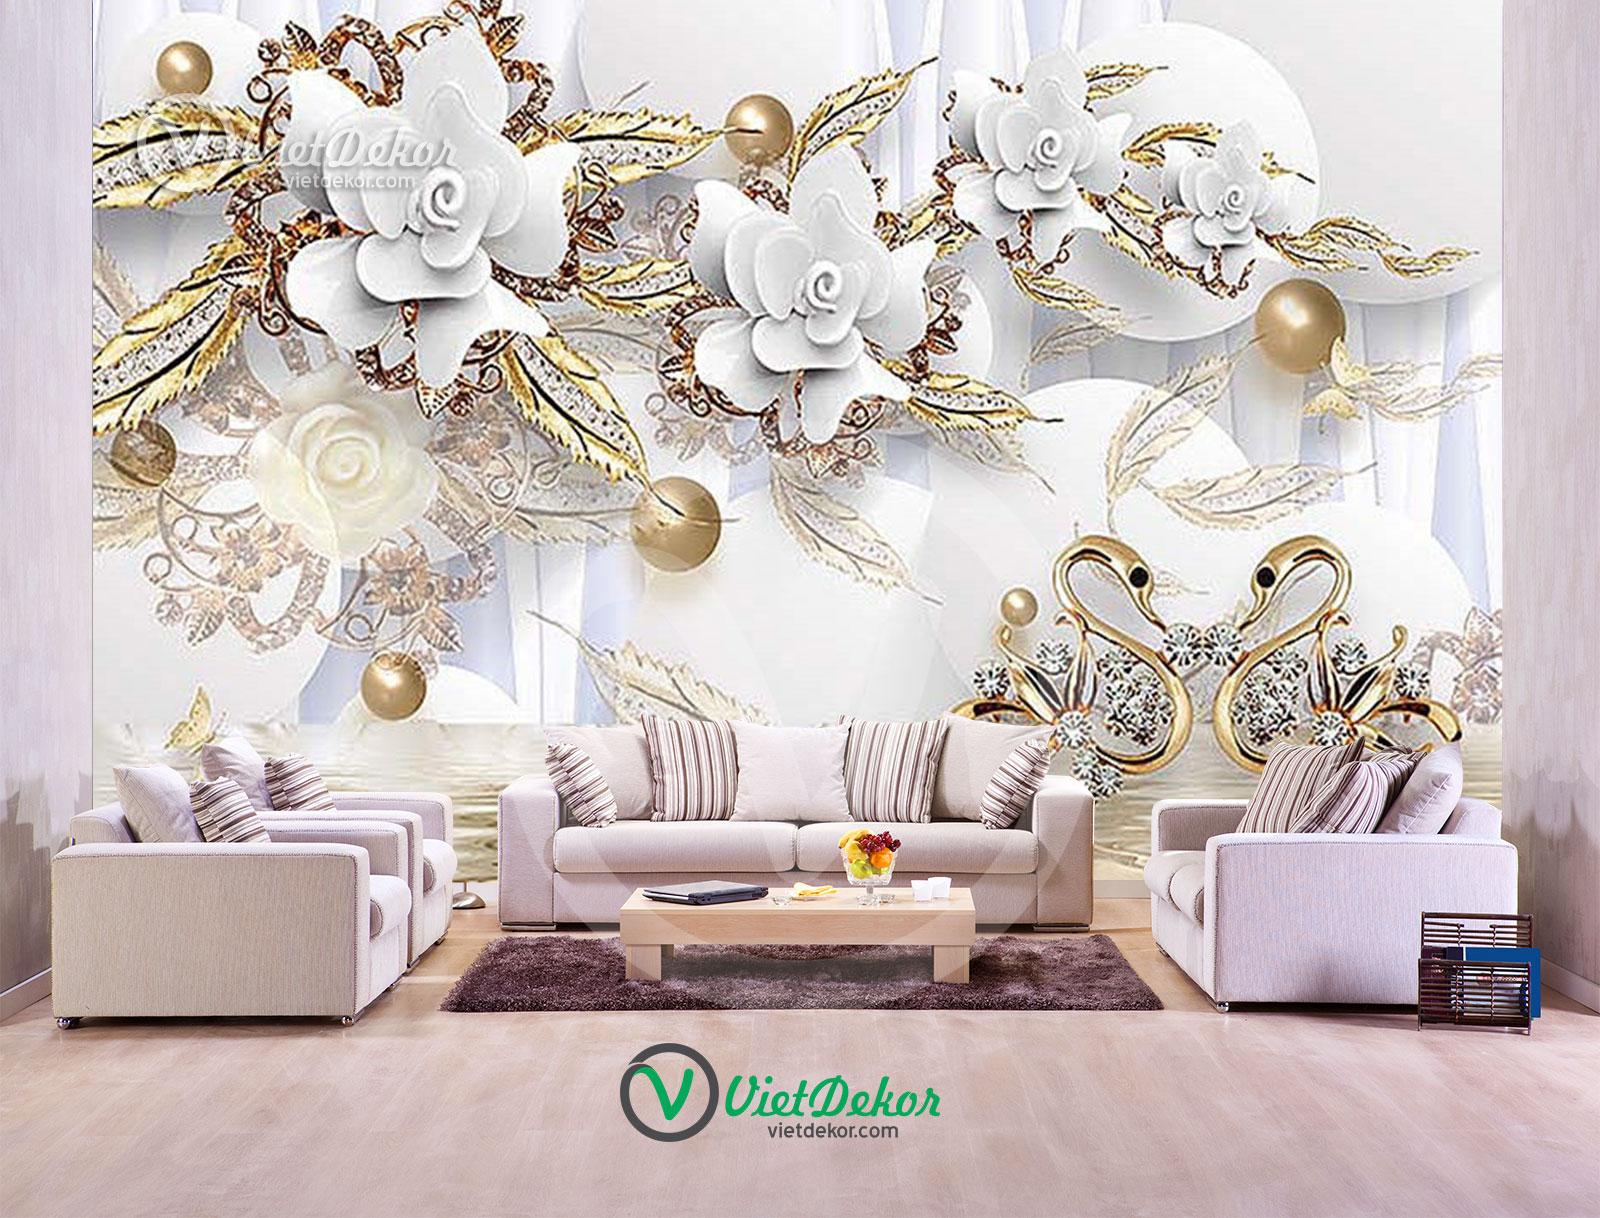 Tranh dán tường 3d hoa ngọc trai